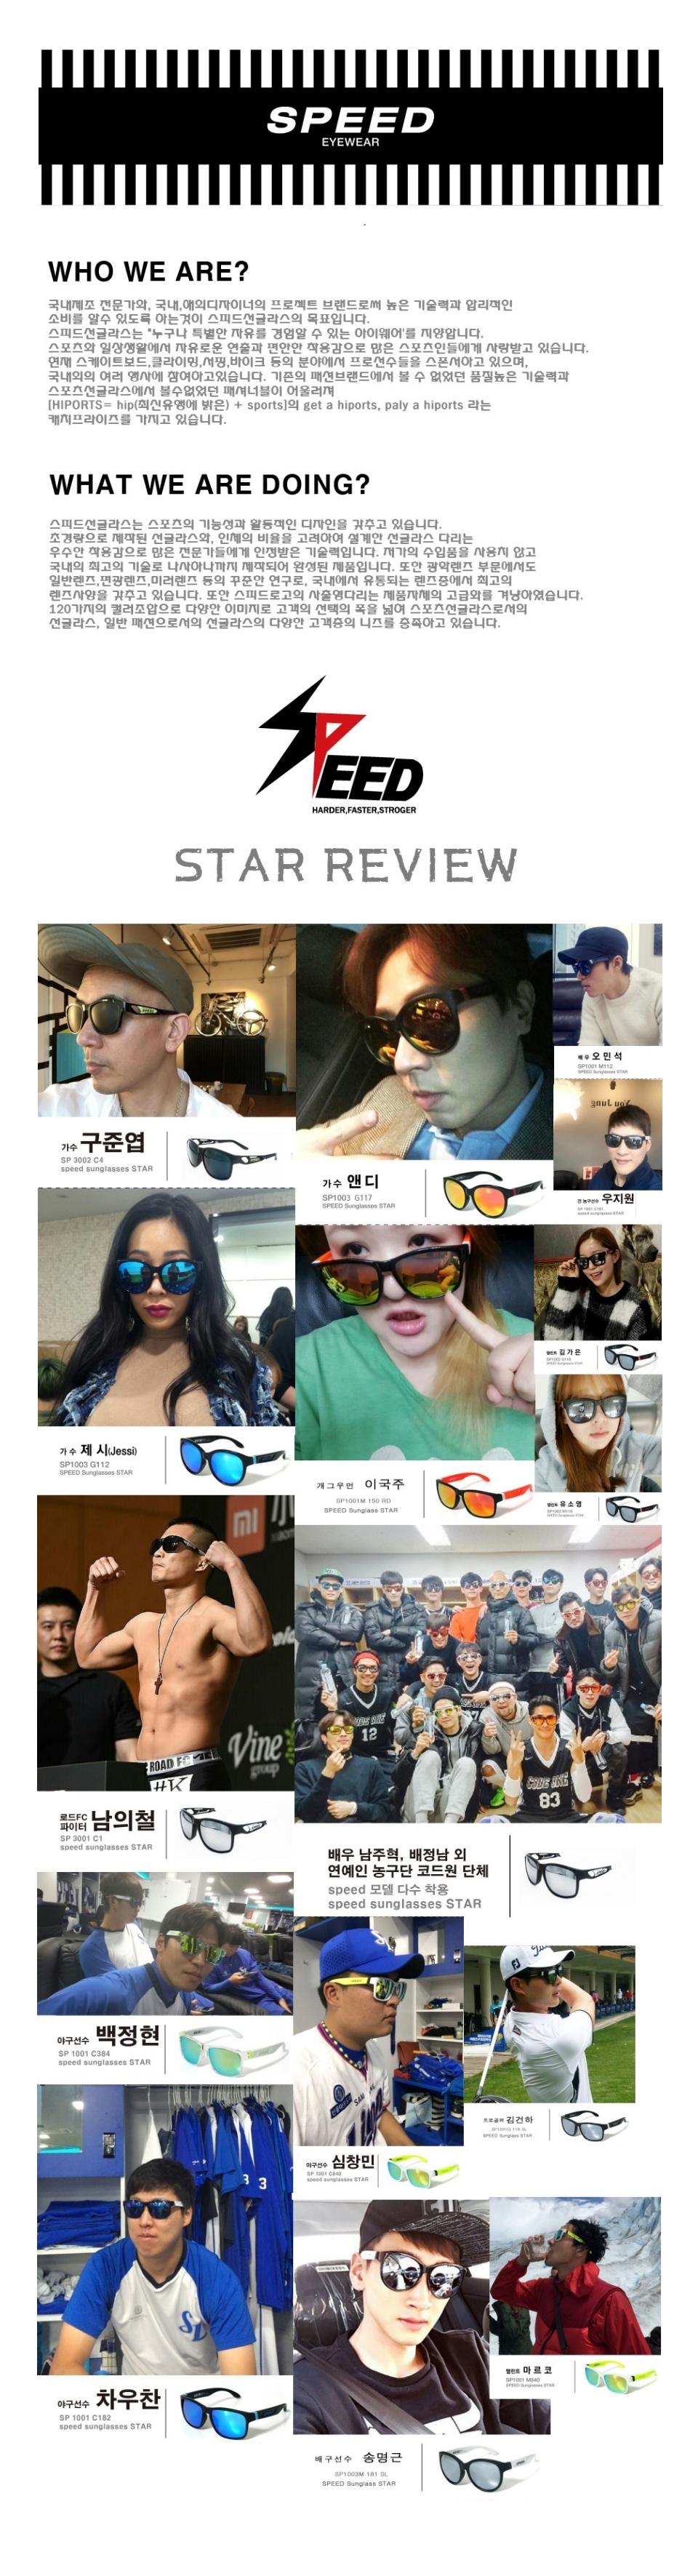 스피드 편광 미러선글라스 3003 C7 (MADE IN KOREA)  스피드썬글라스 SPEED 편광선글라스 미러선글라스